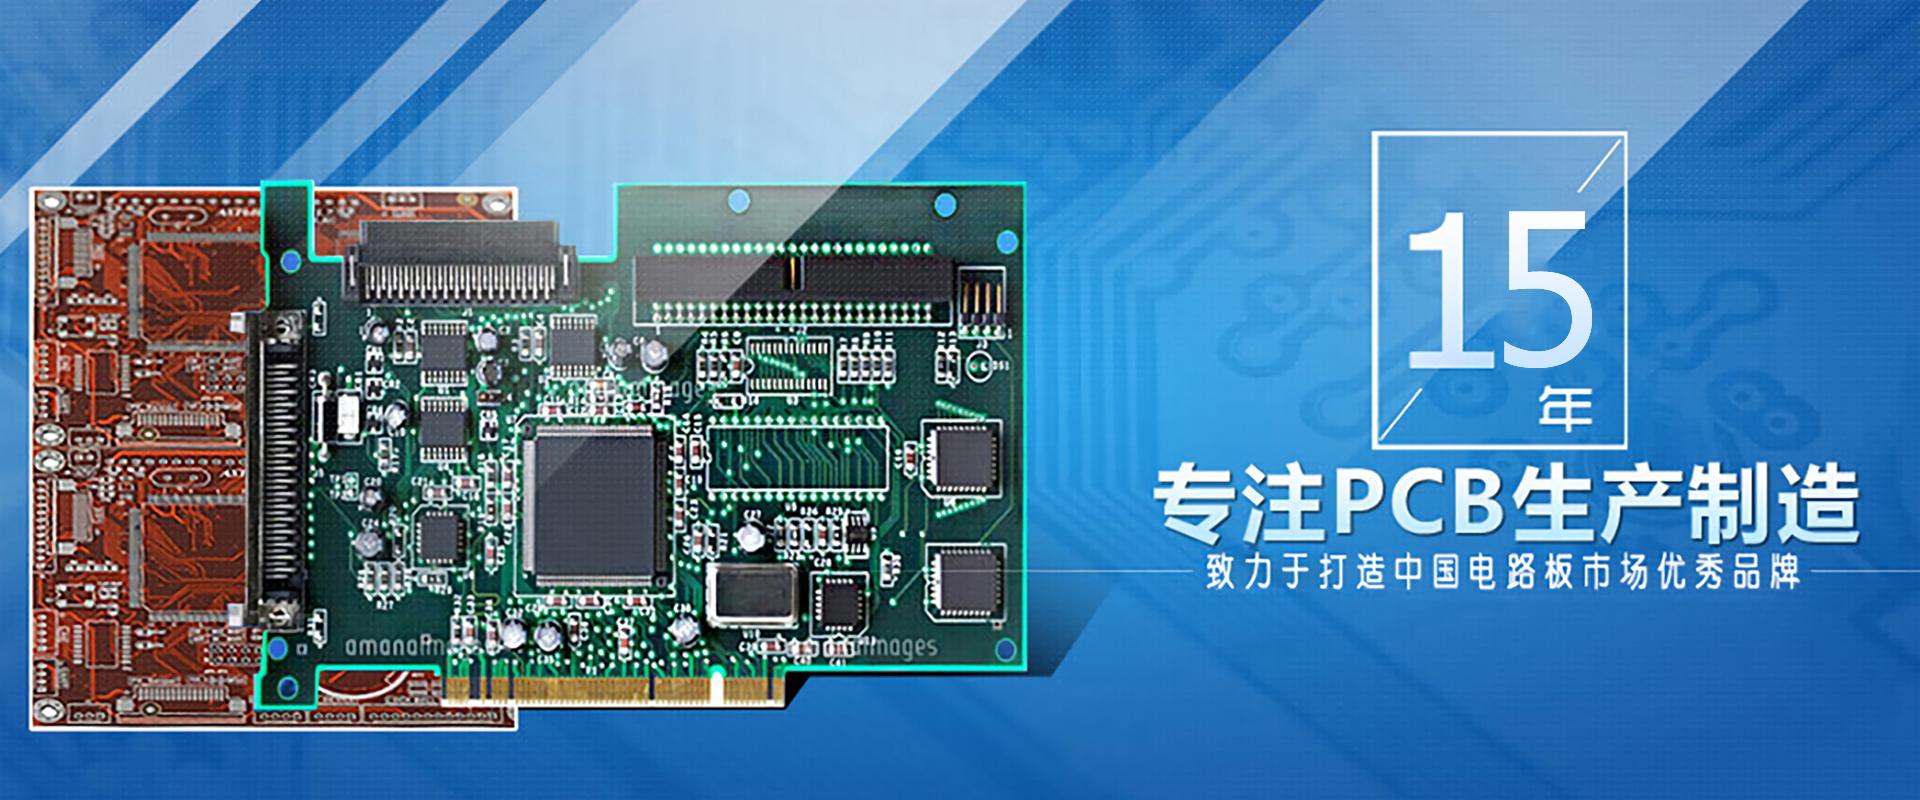 PCB线路板,线路板厂家